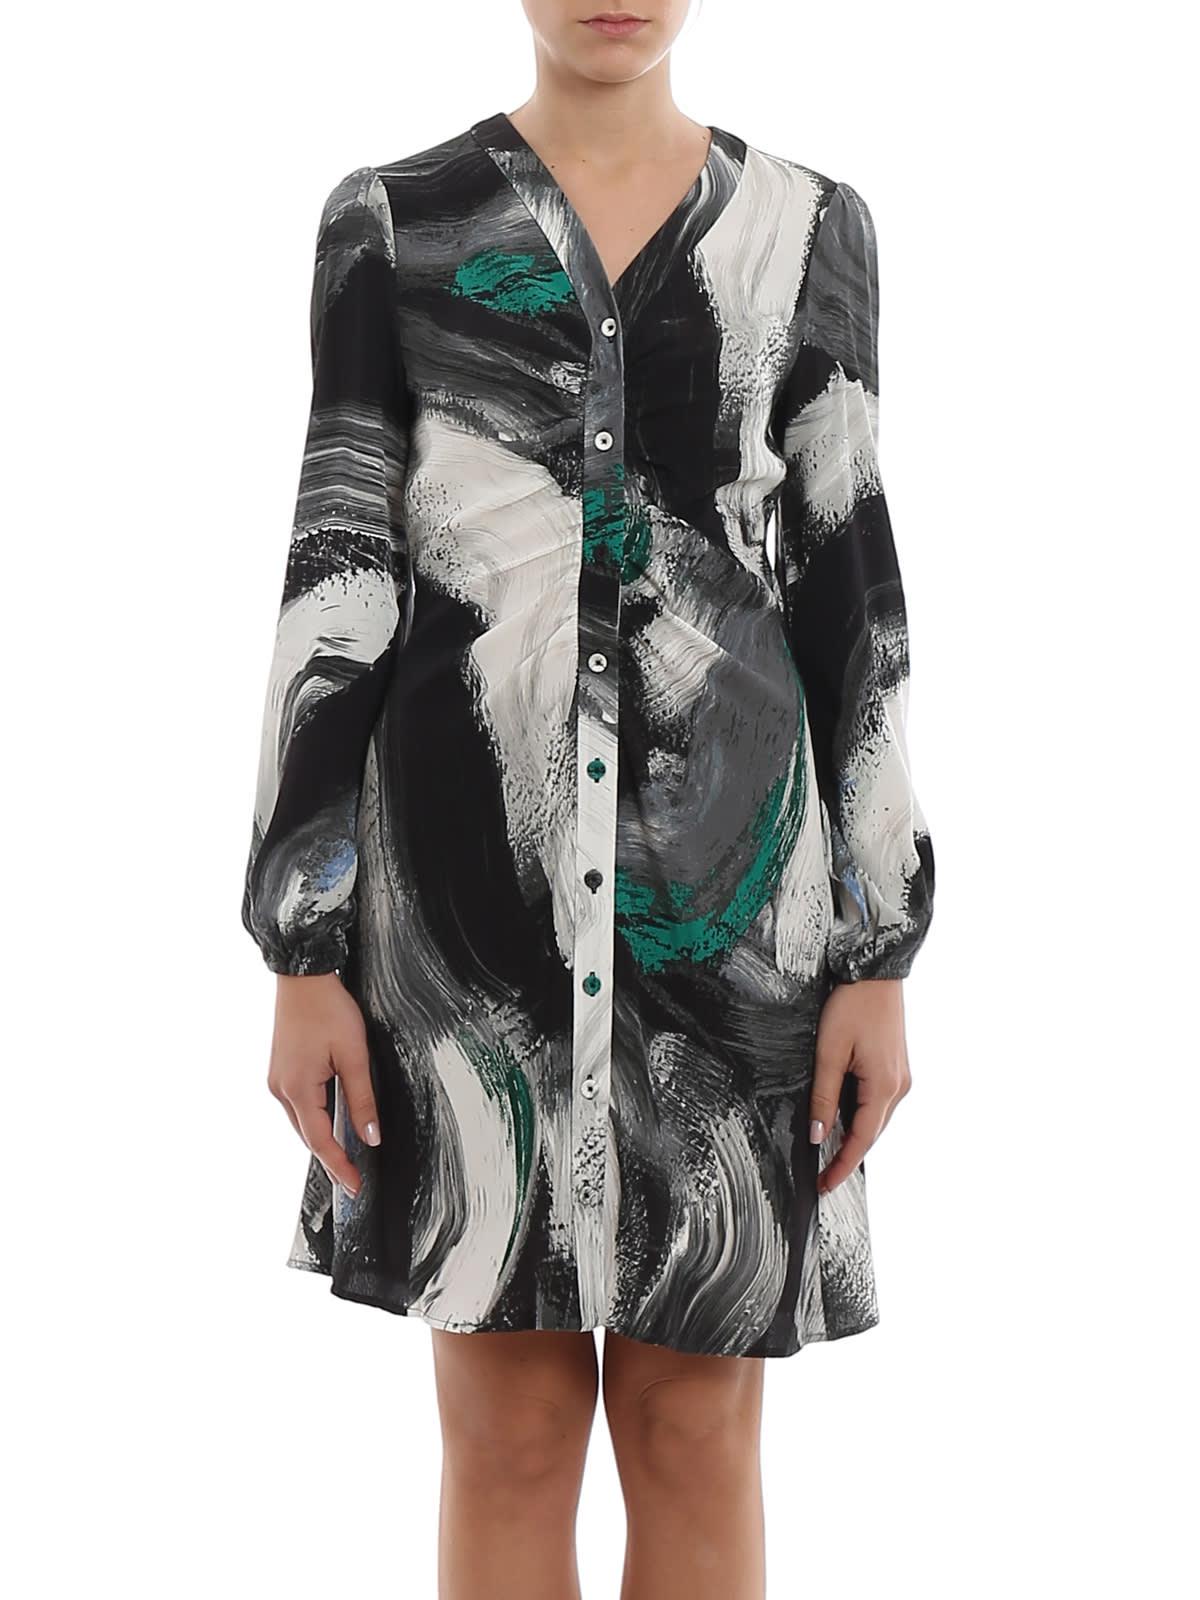 Diane Von Furstenberg – Calico Dress